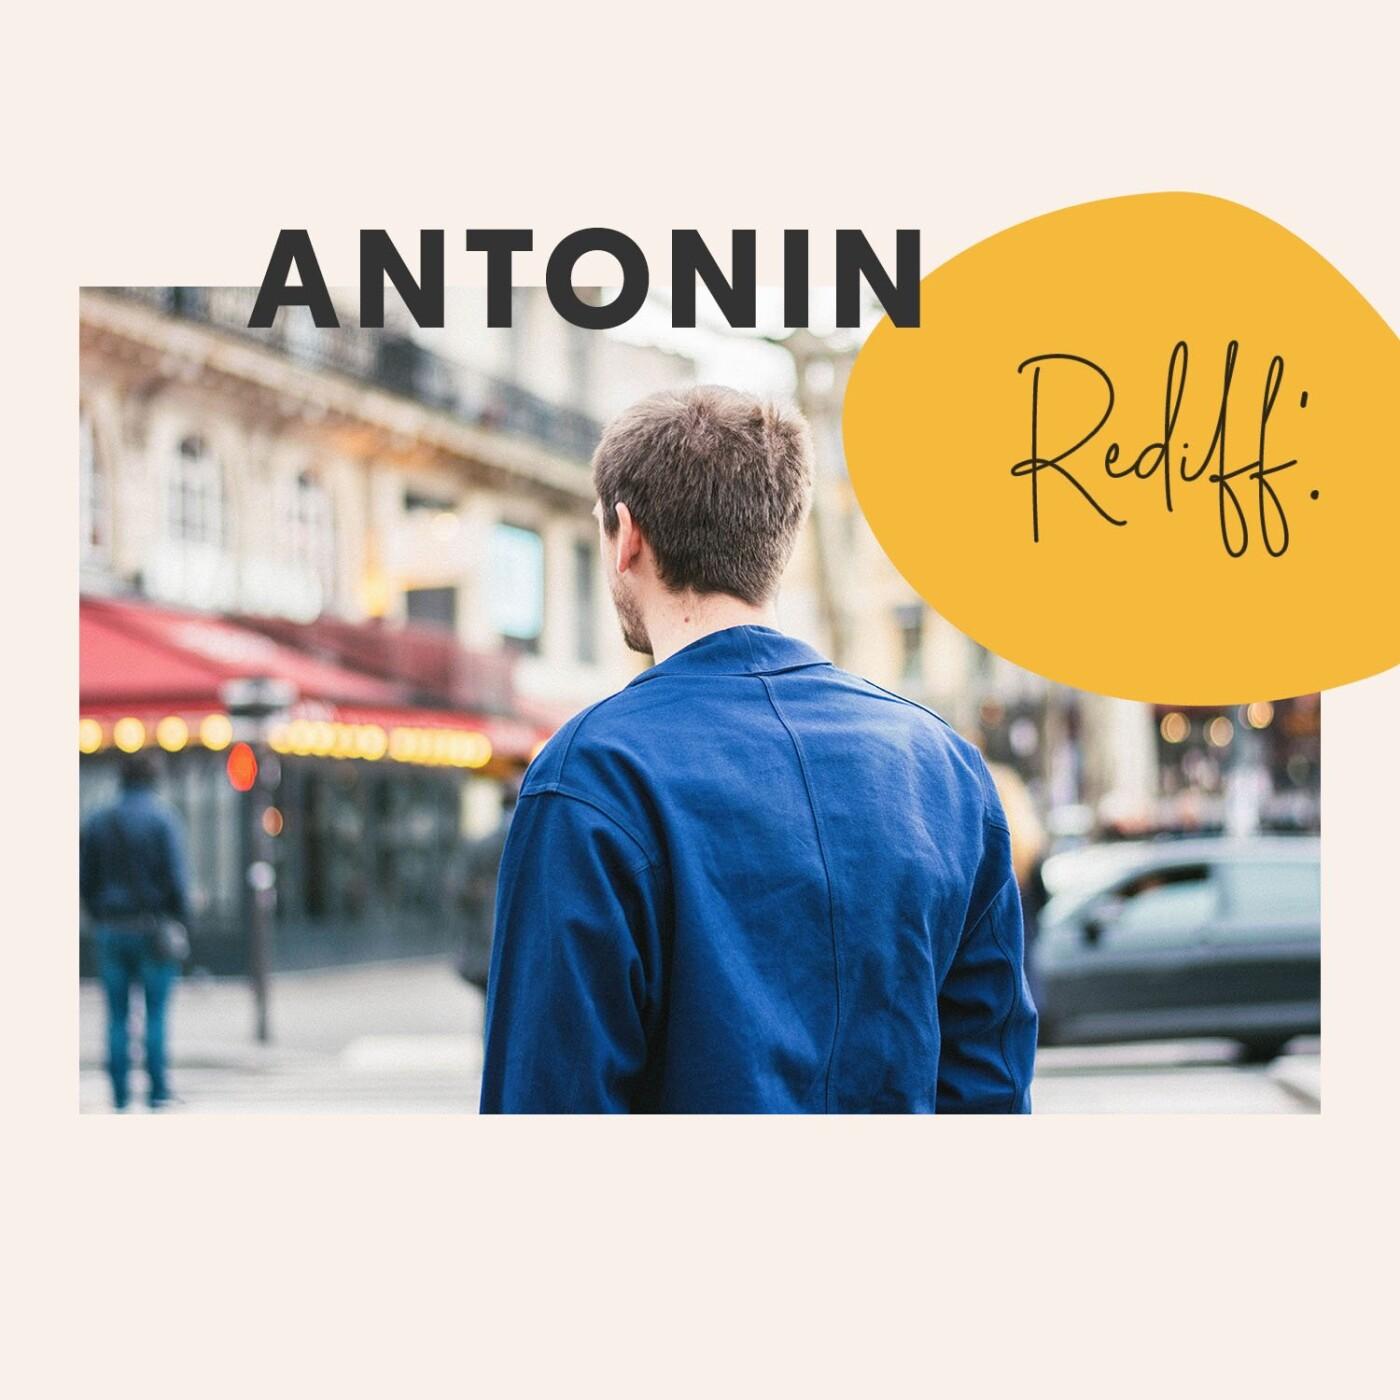 Rediff' • Antonin